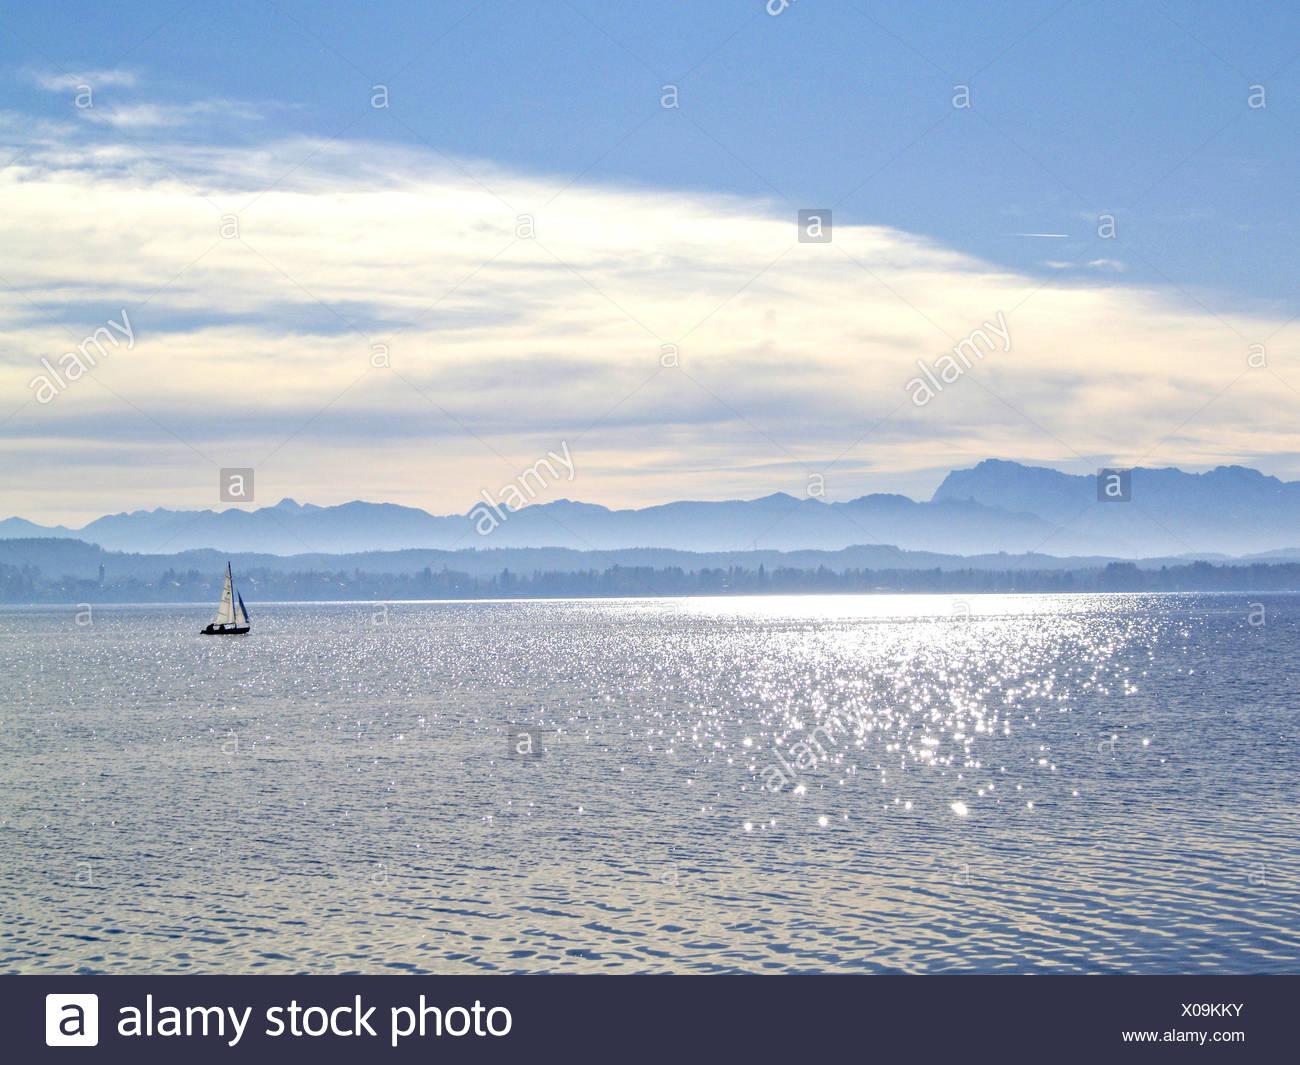 Deutschland, Bayern, Herbststimmung am Starnberger See - Stock Image